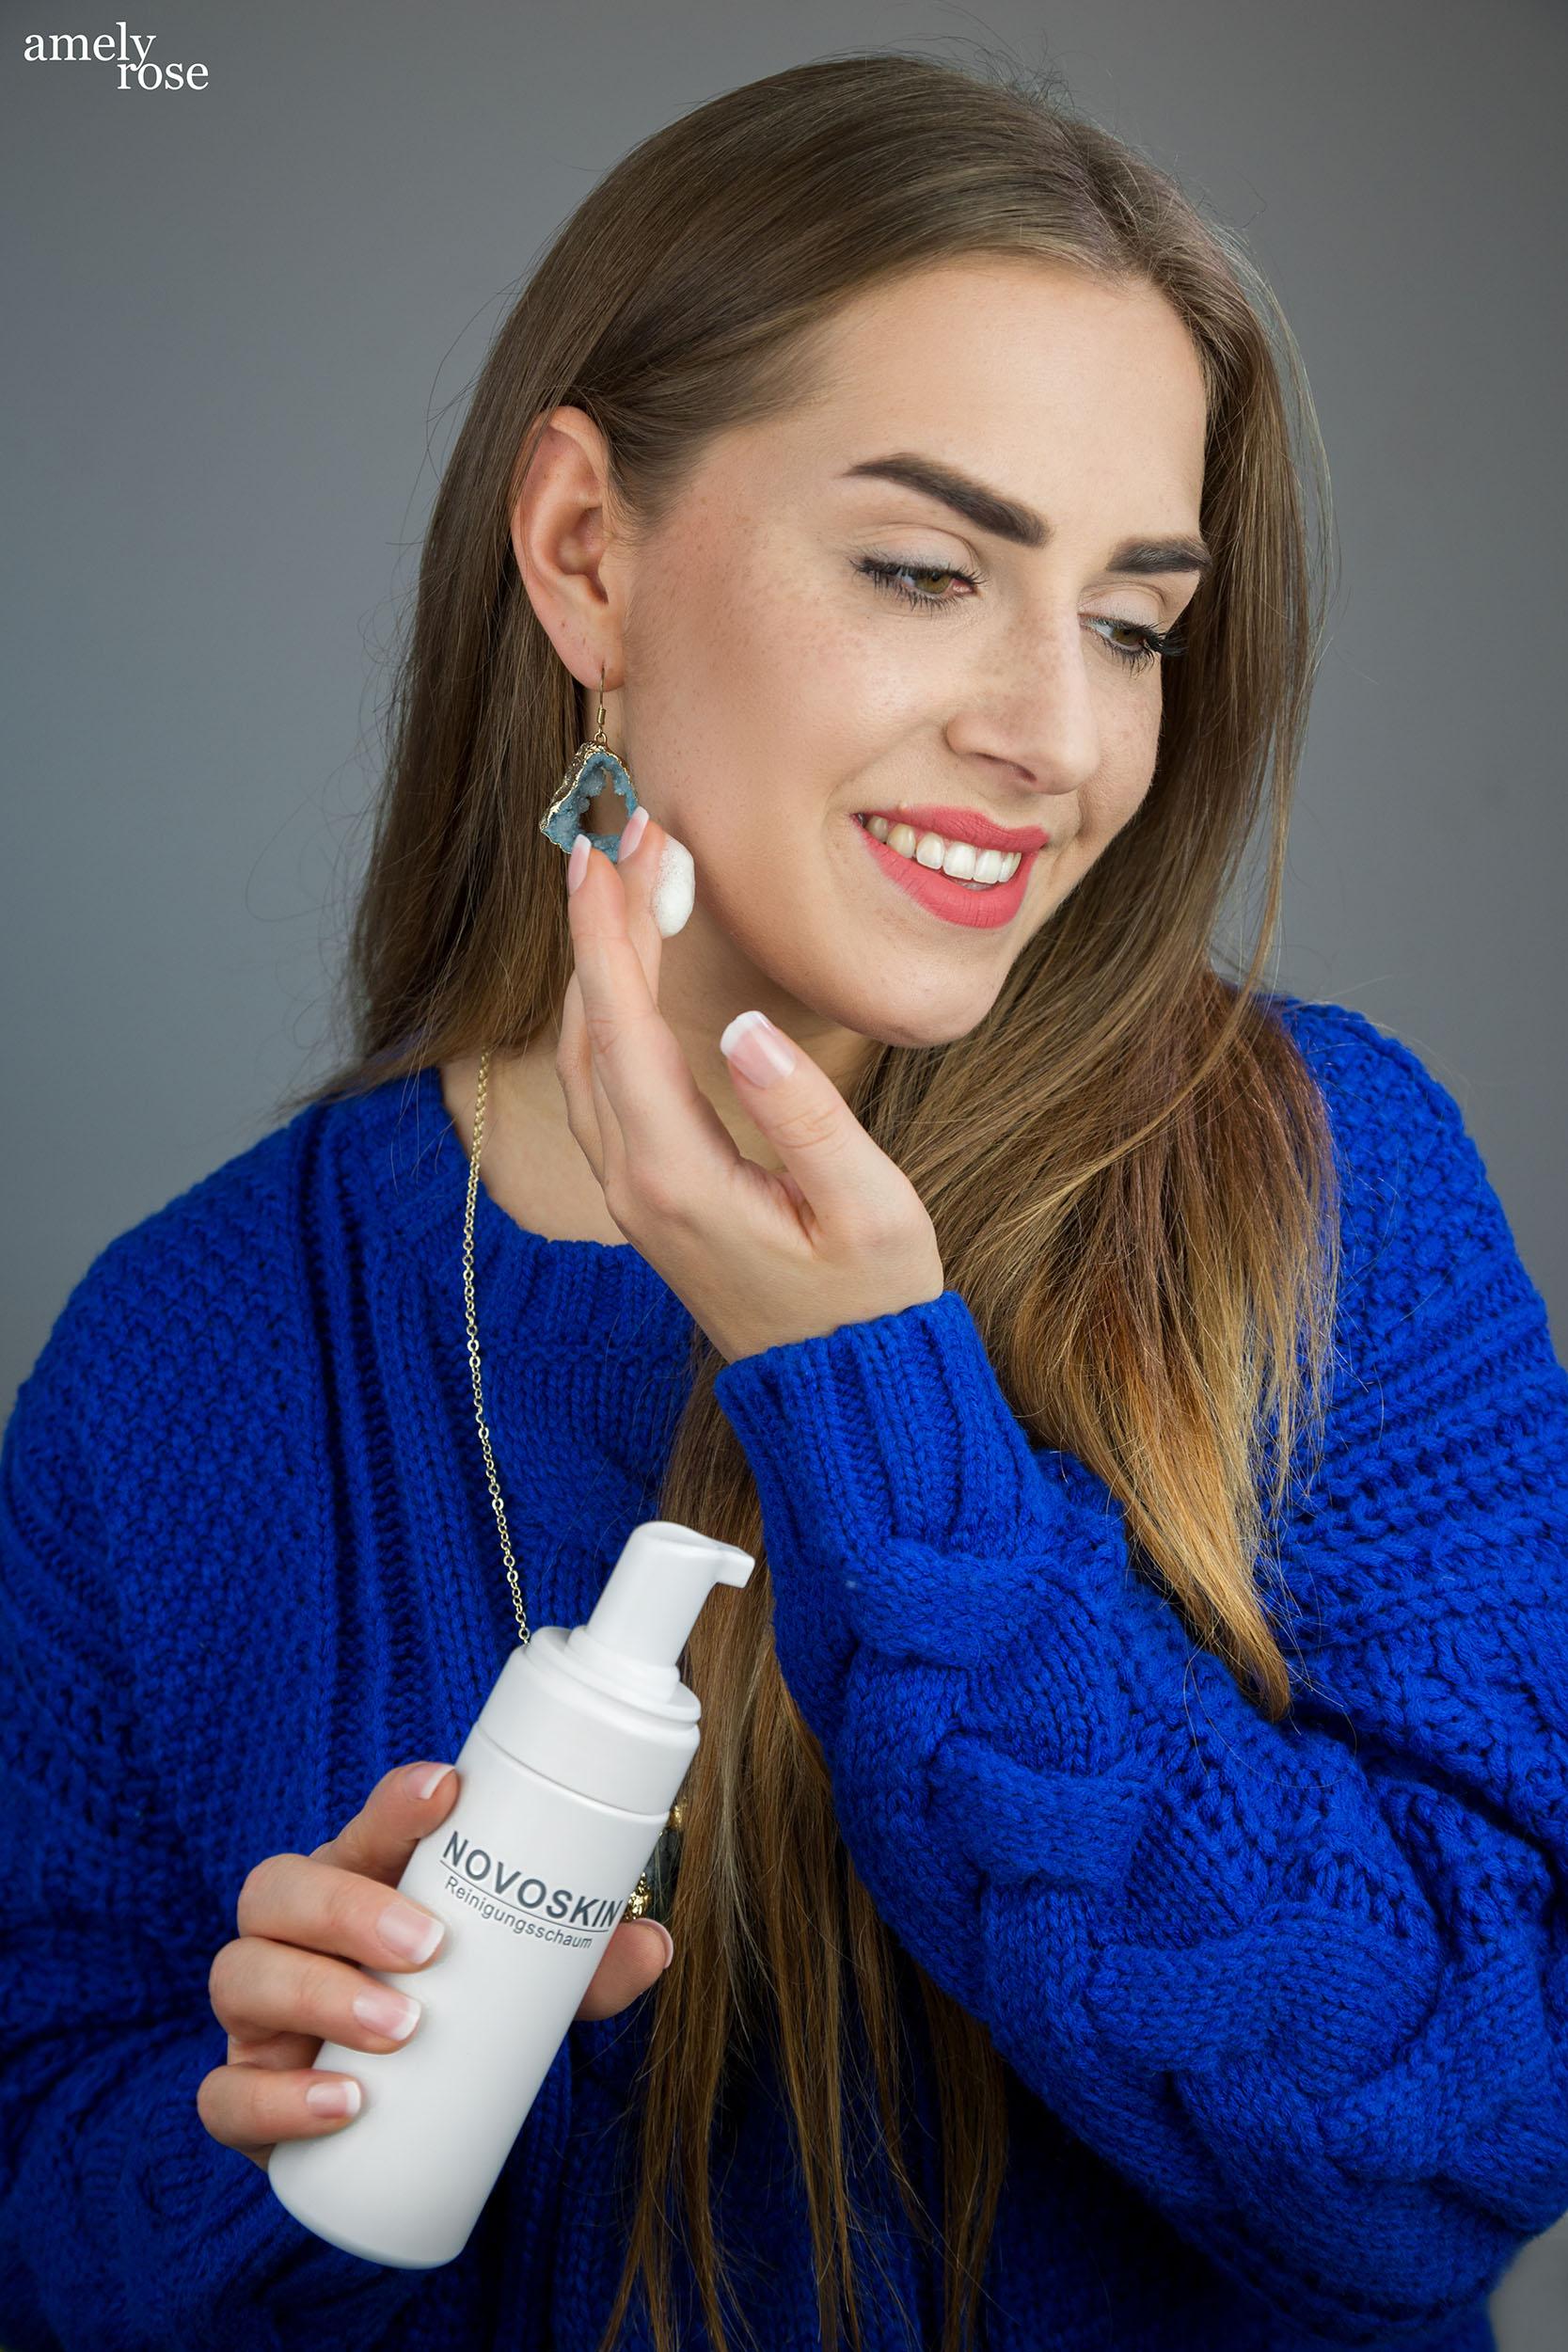 Amely Rose testet premiumkosmetik made in germany Pflegeprodukte im Beautyguide_der Reinigungsschaum wie der Bilou Duschschaum_Naturkosmetik von Novoskin